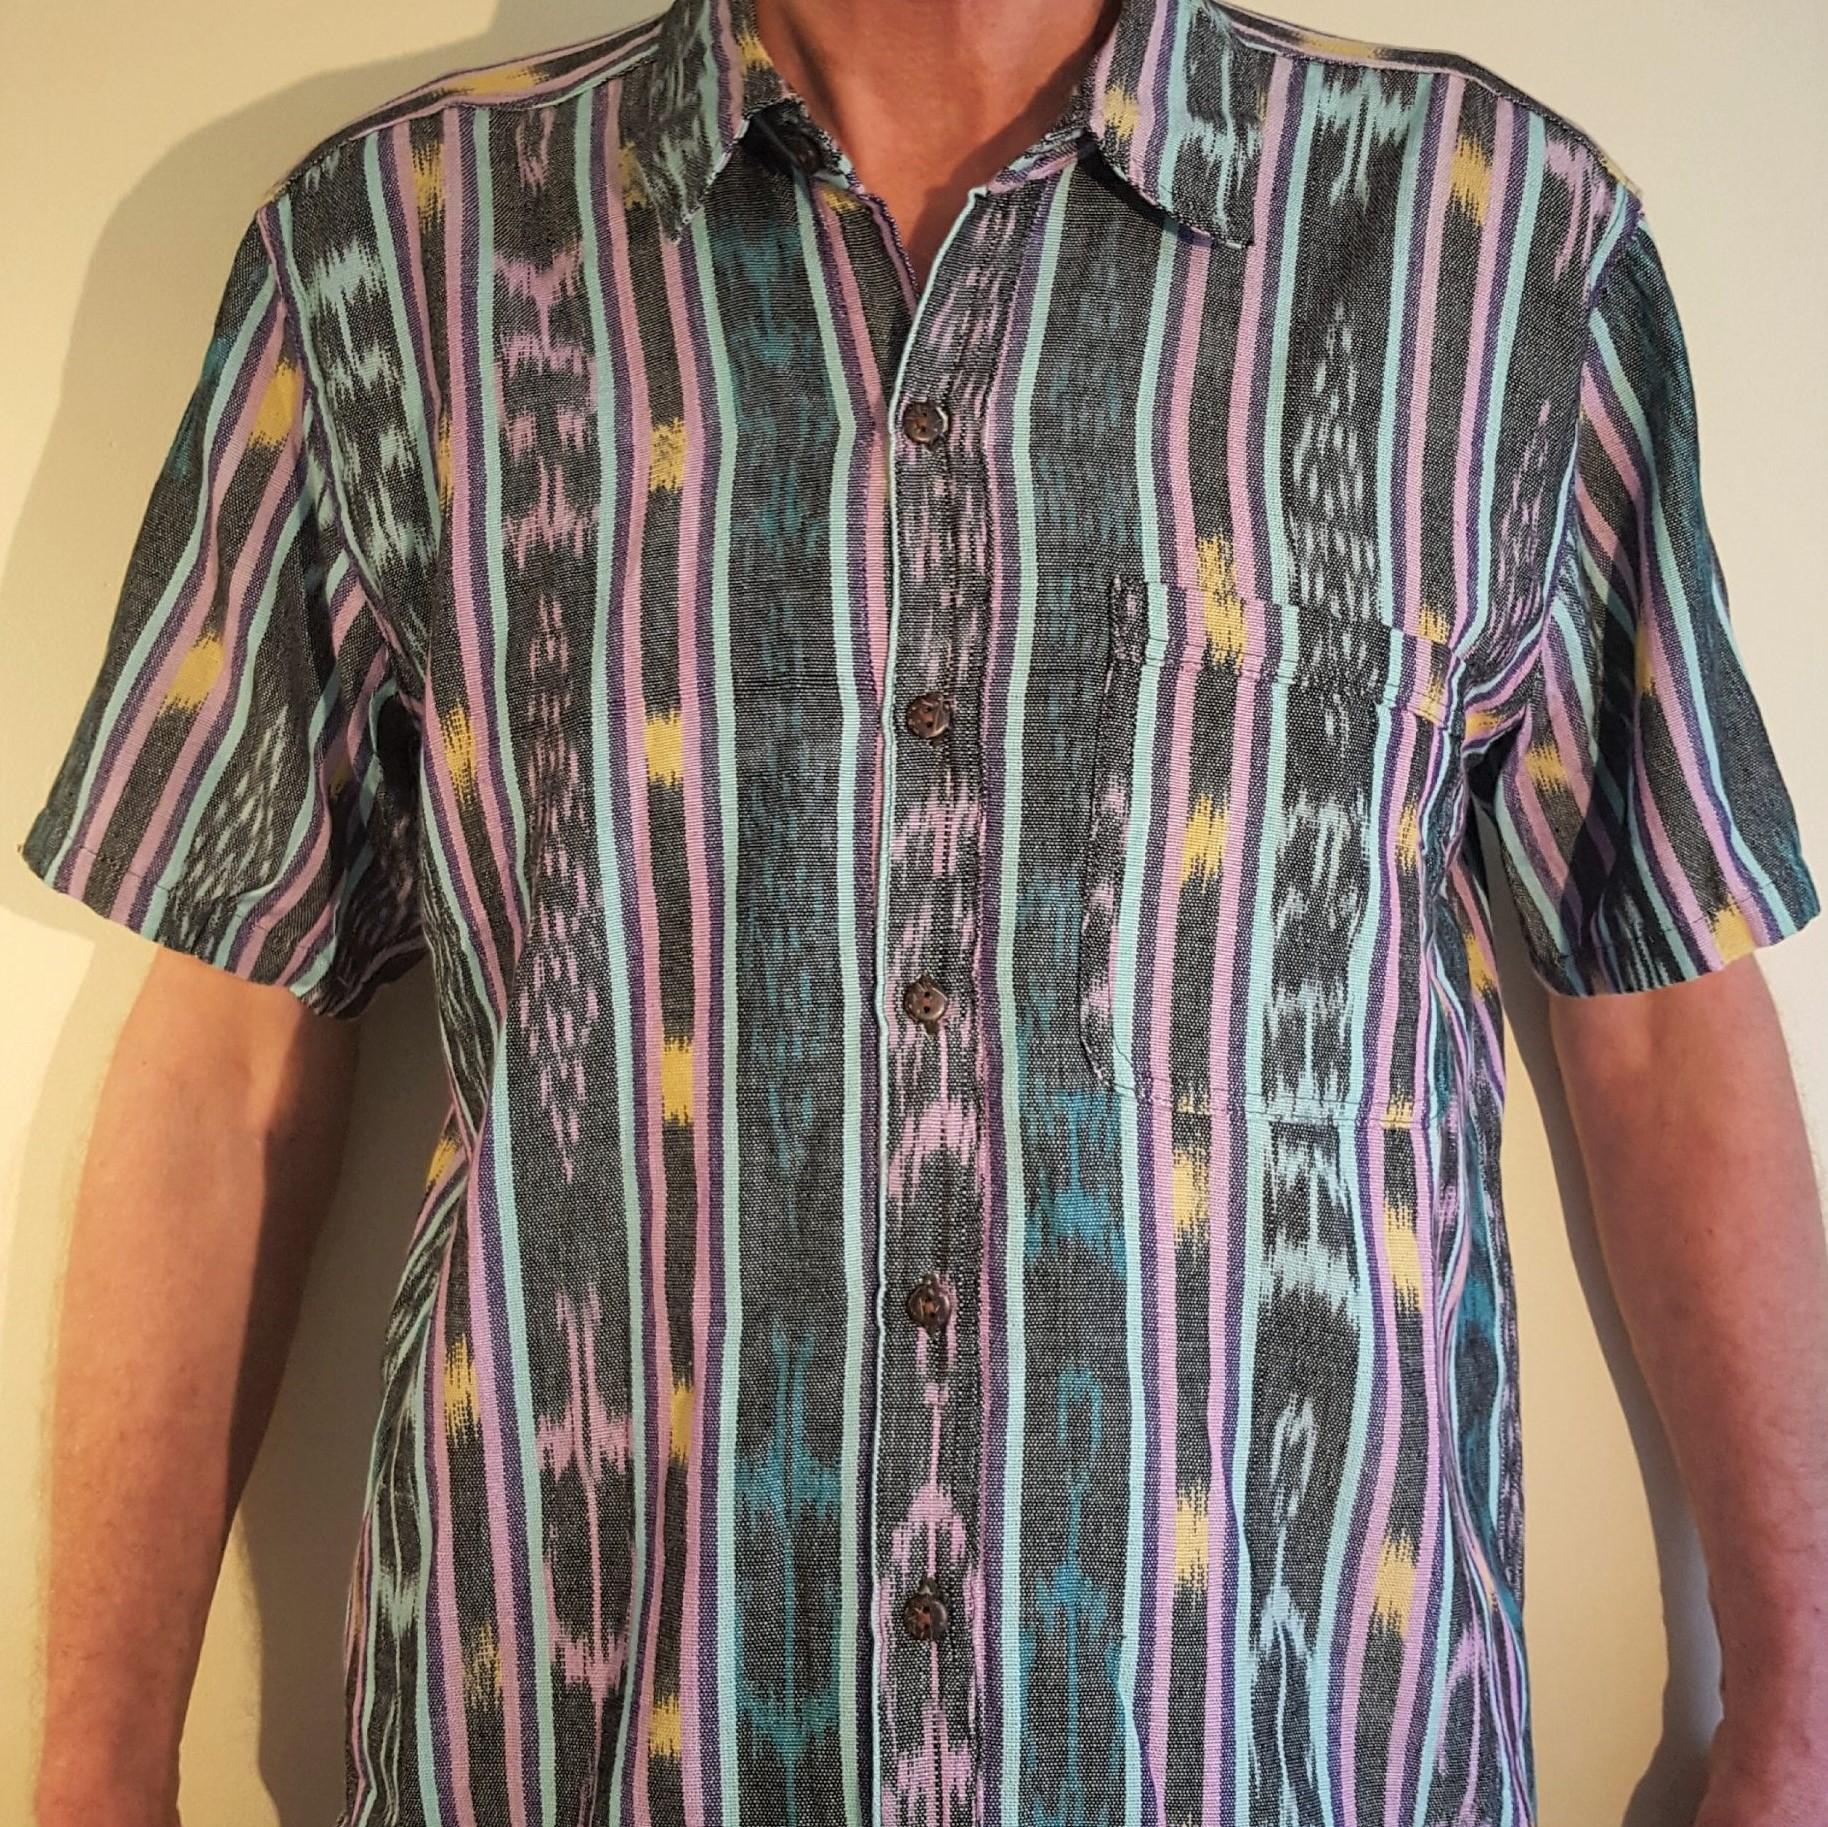 Hand woven short sleeve shirt